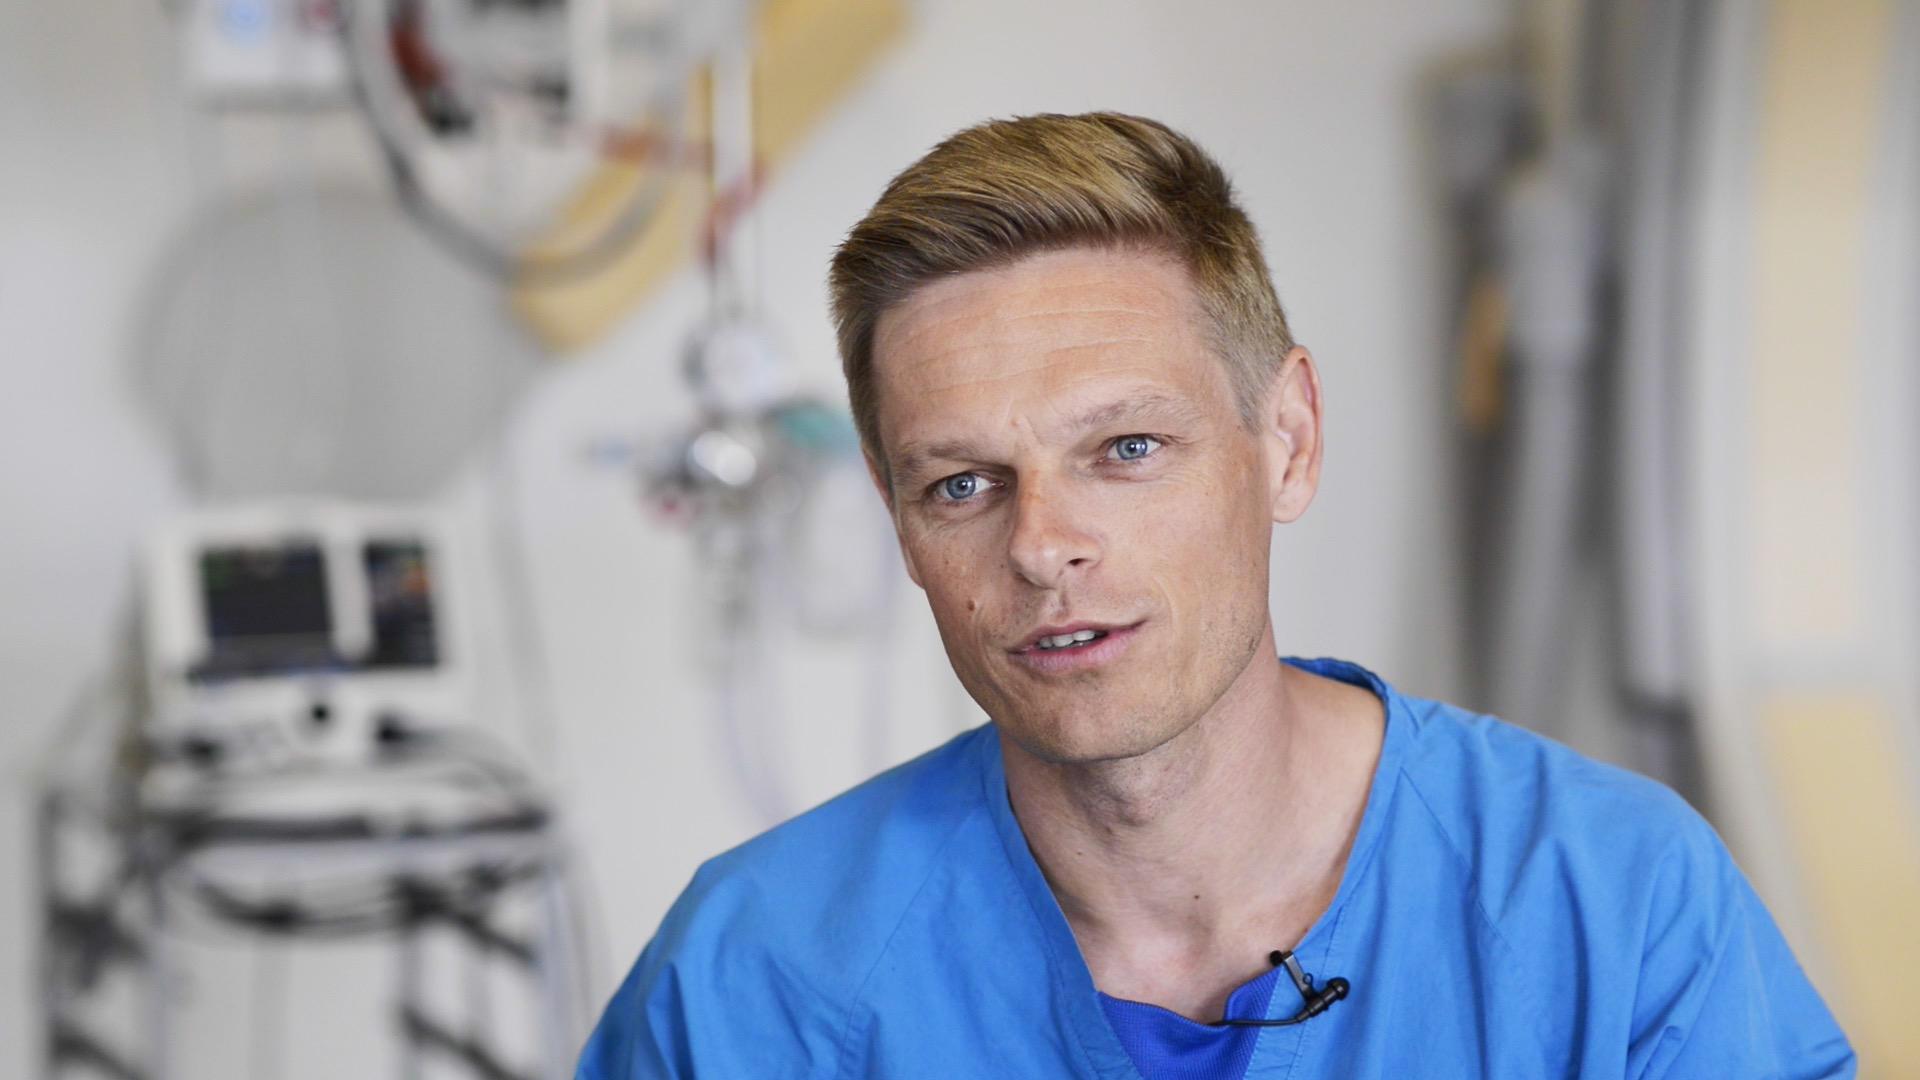 Carsten Stengaard